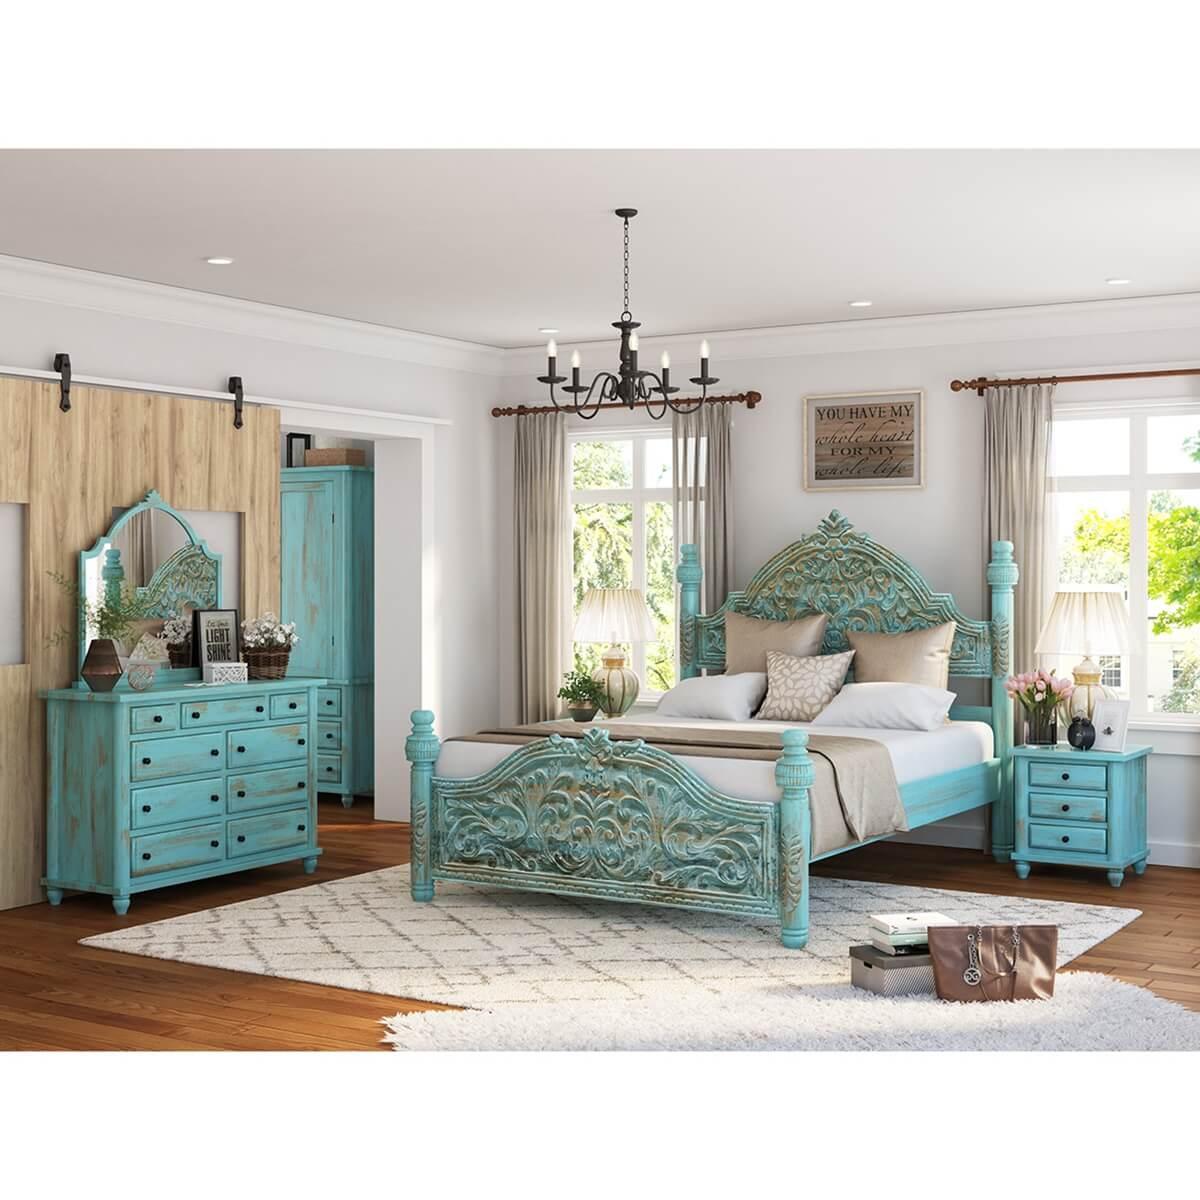 Victorian Bedroom: Victorian Turquoise 4 Piece Bedroom Set